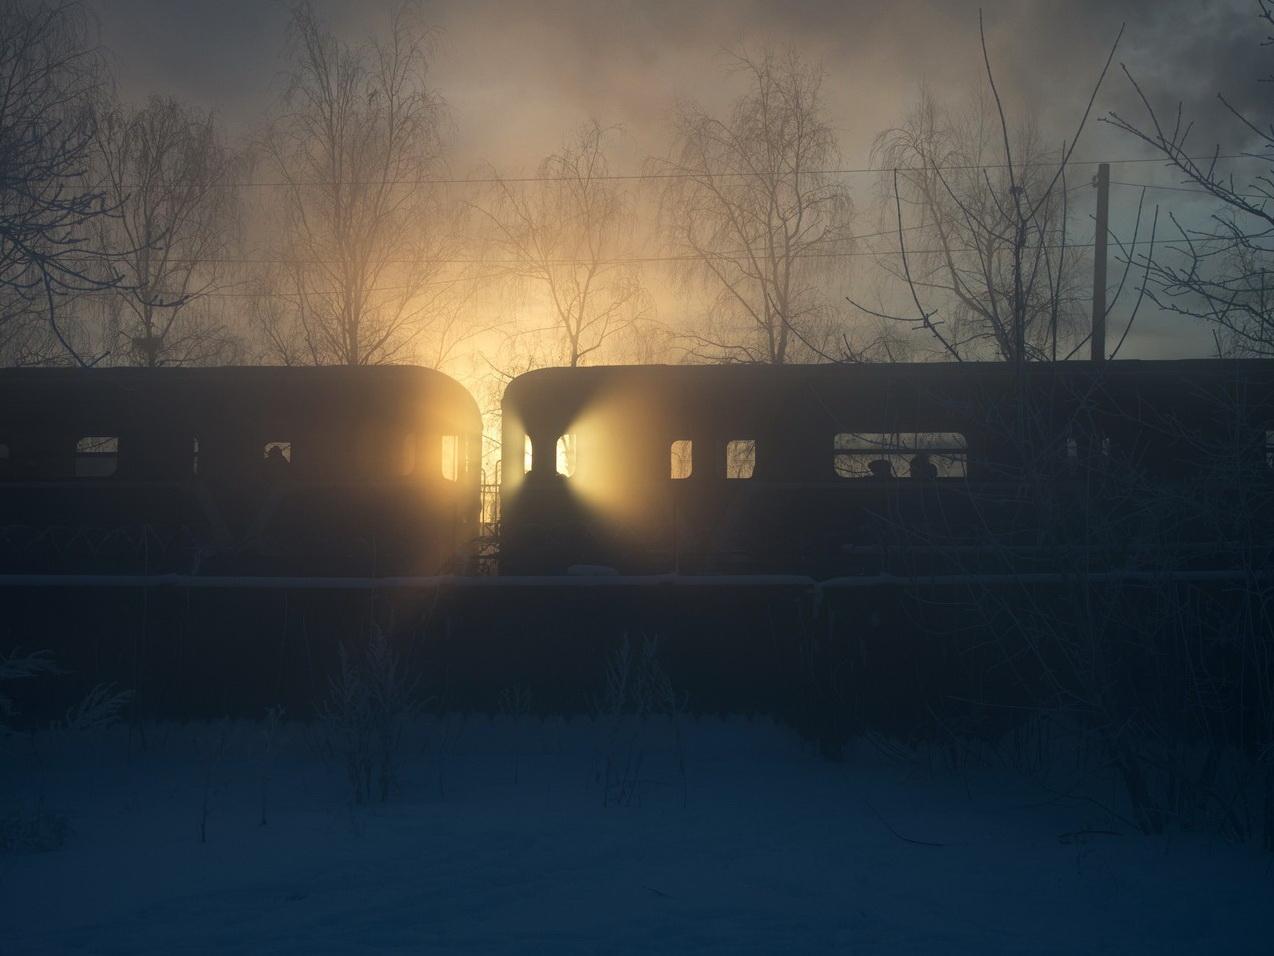 В Японии сотни пассажиров провели ночь в застрявшем из-за снега поезде